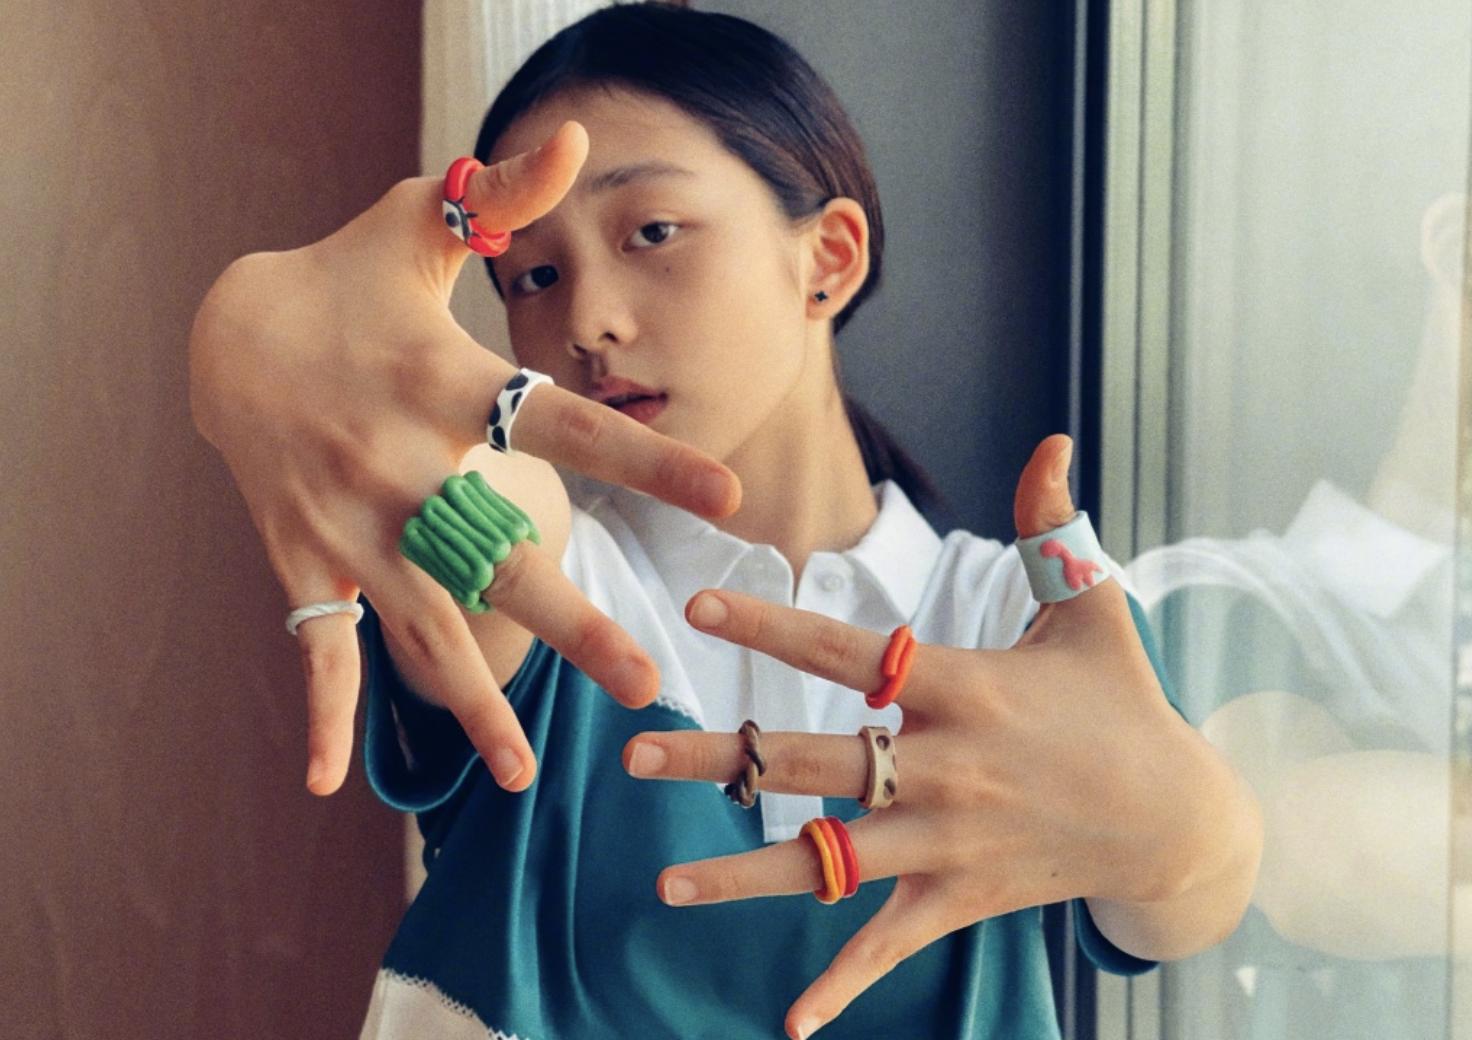 孫莉曬女兒自製戒指,多多伸手大方展示,心靈手巧被讚全能隨黃磊